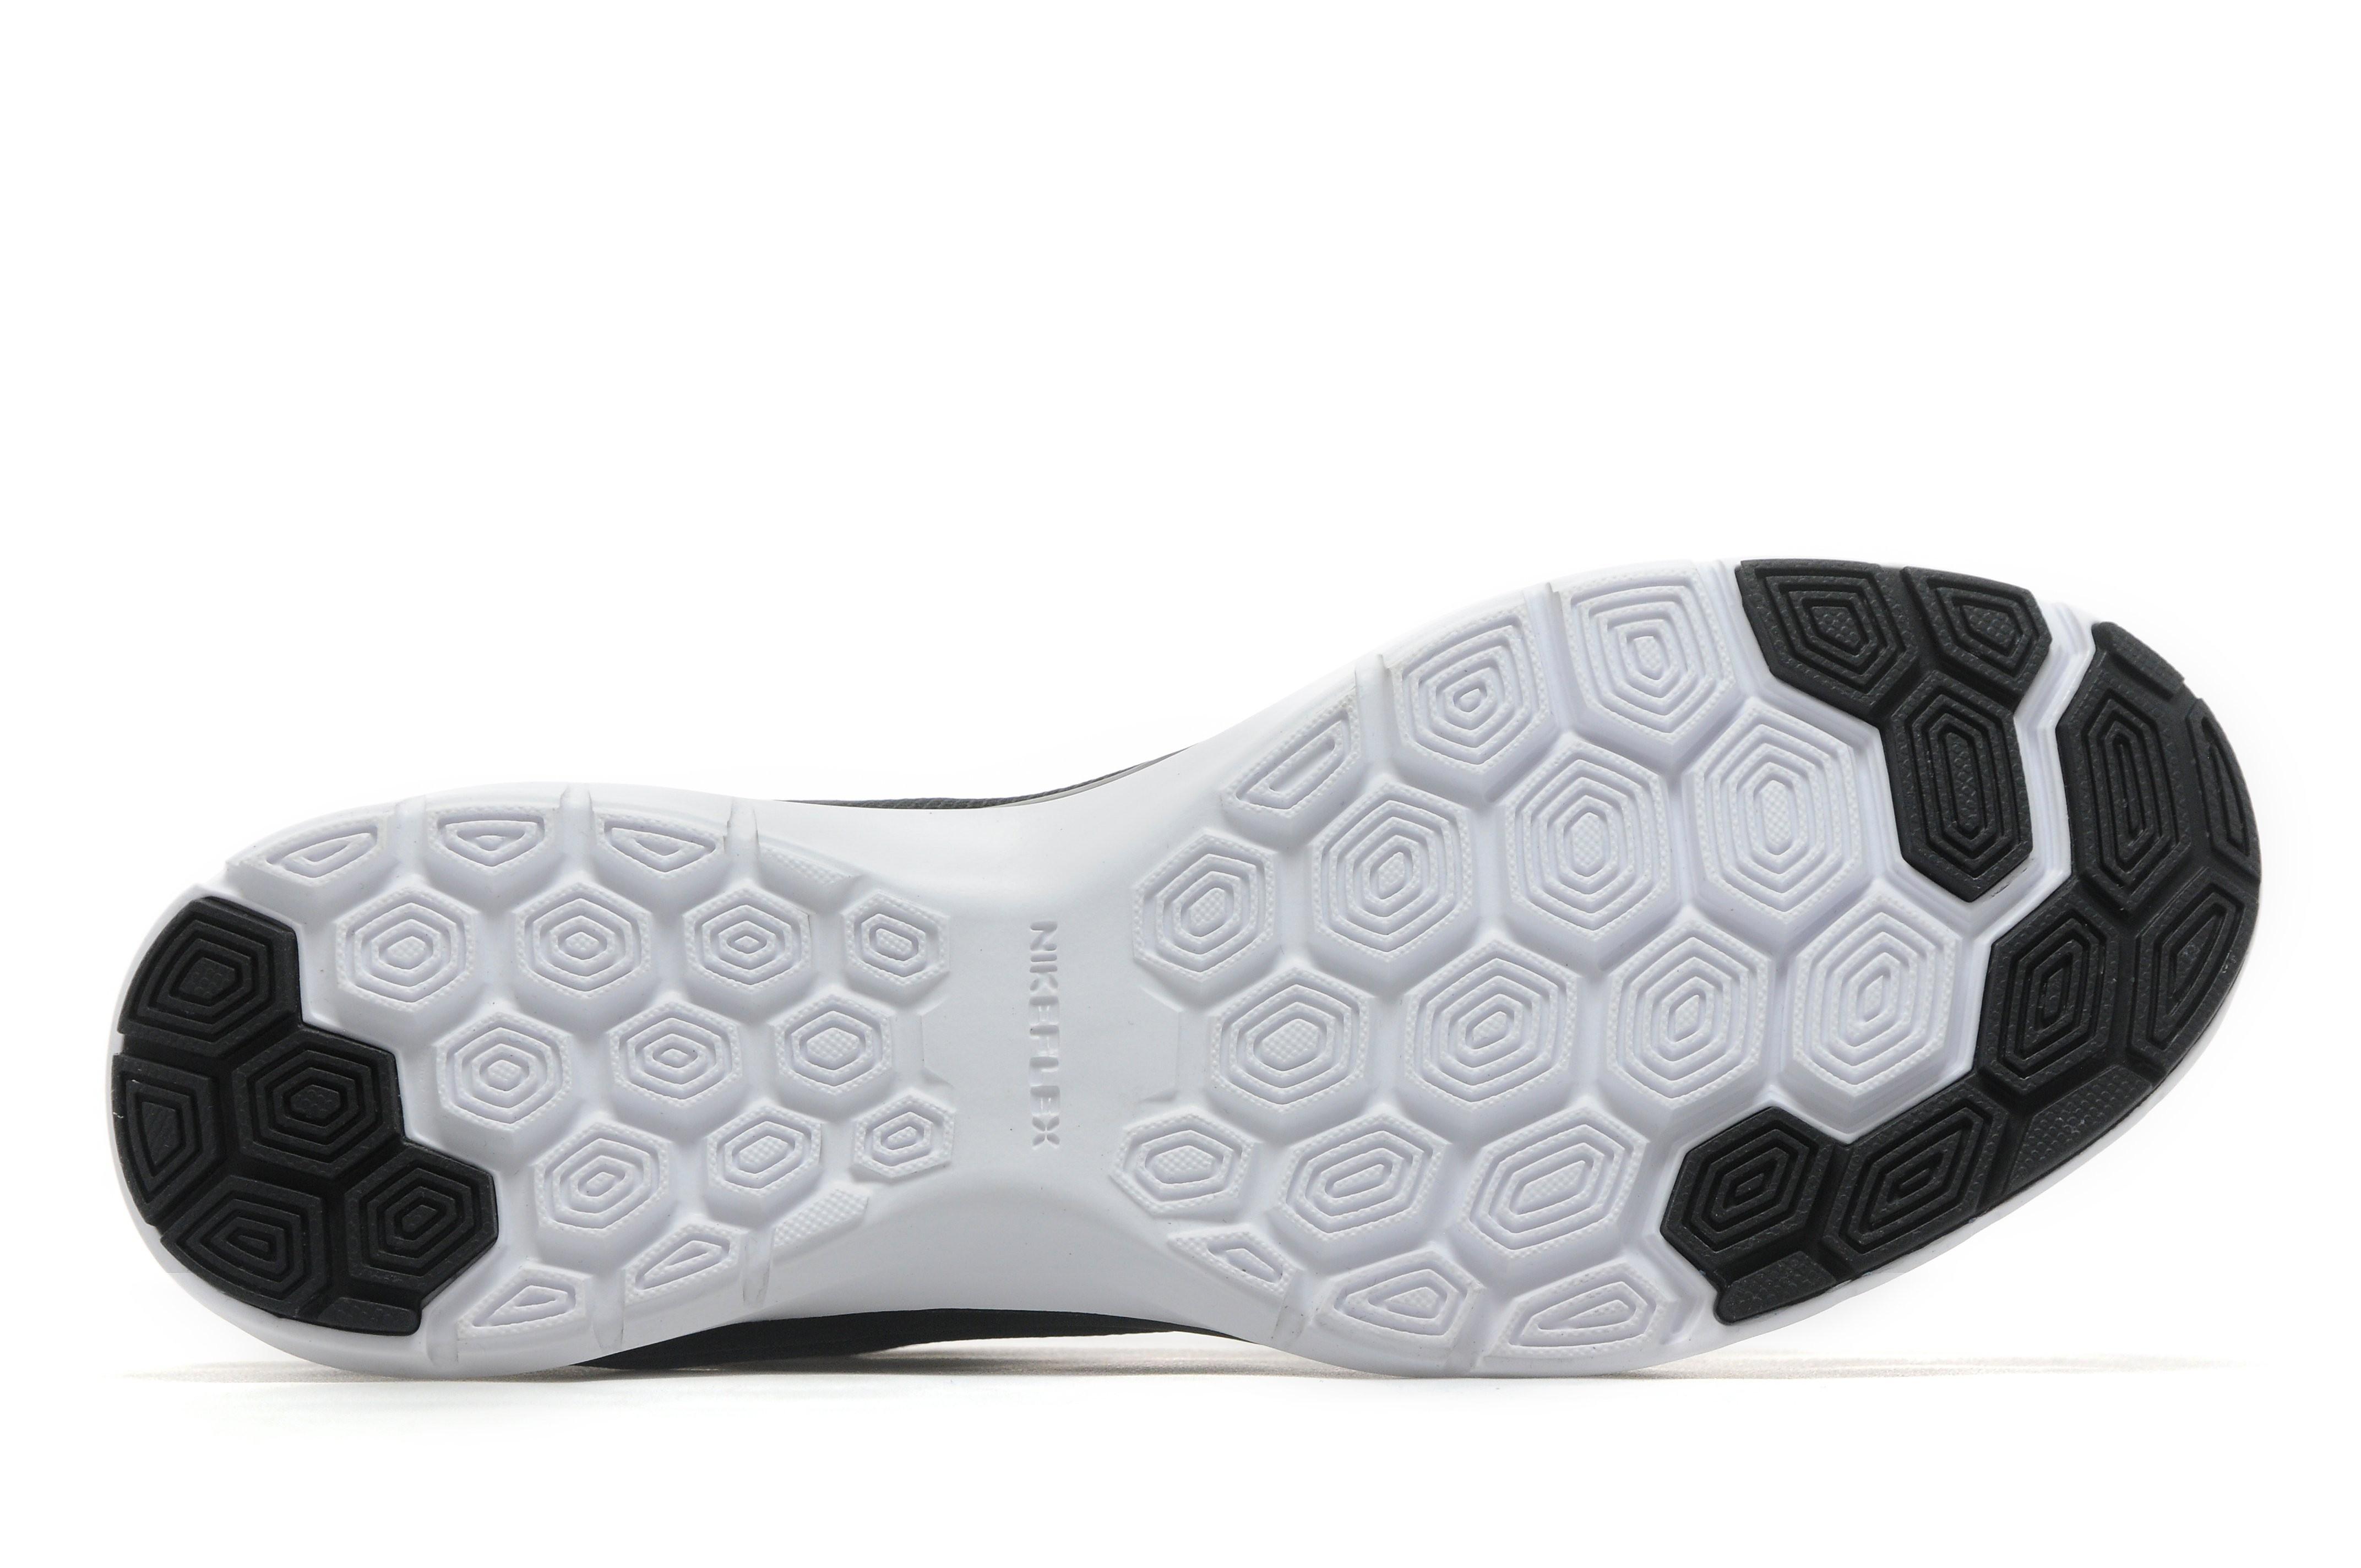 Nike Free 6-damesschoen